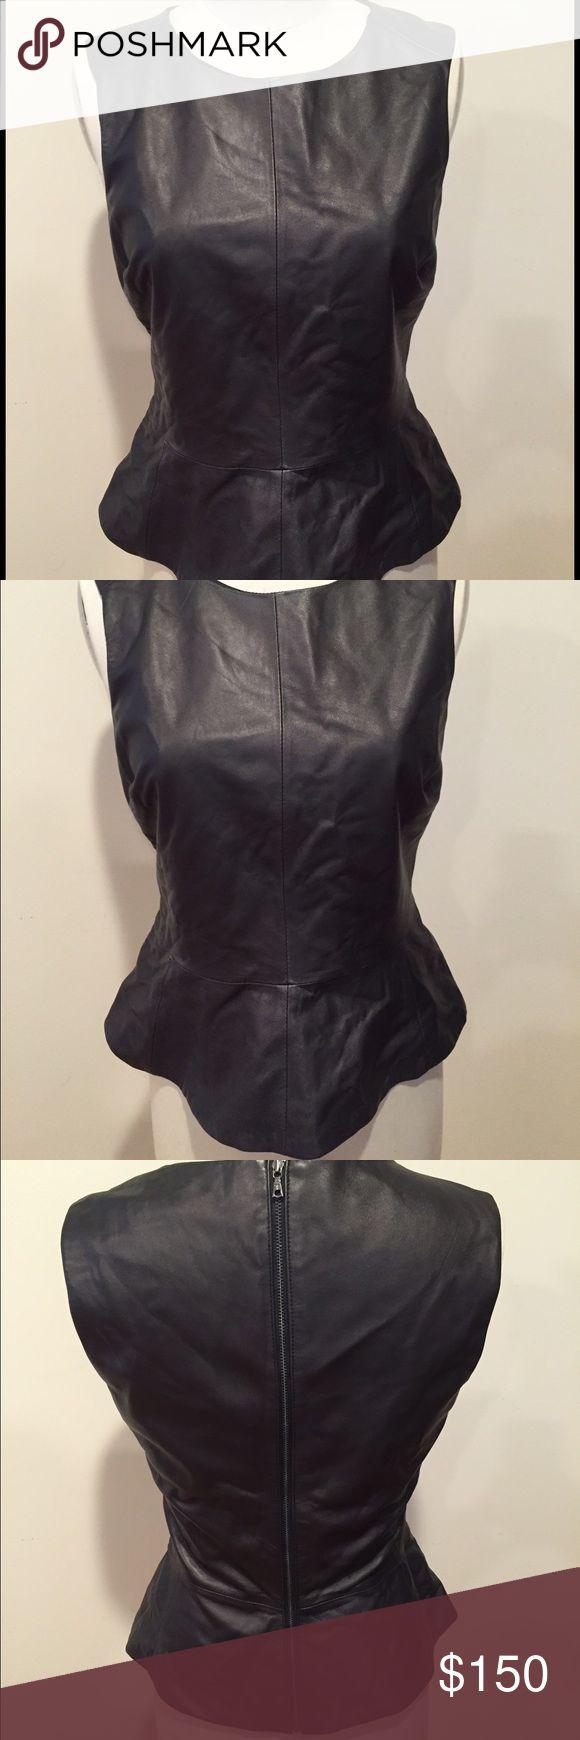 Trina Turk Leather peplum top Sz 8 Trina Turk  Black Leather sleeveless peplum top Sz 8 Trina Turk Tops Tank Tops